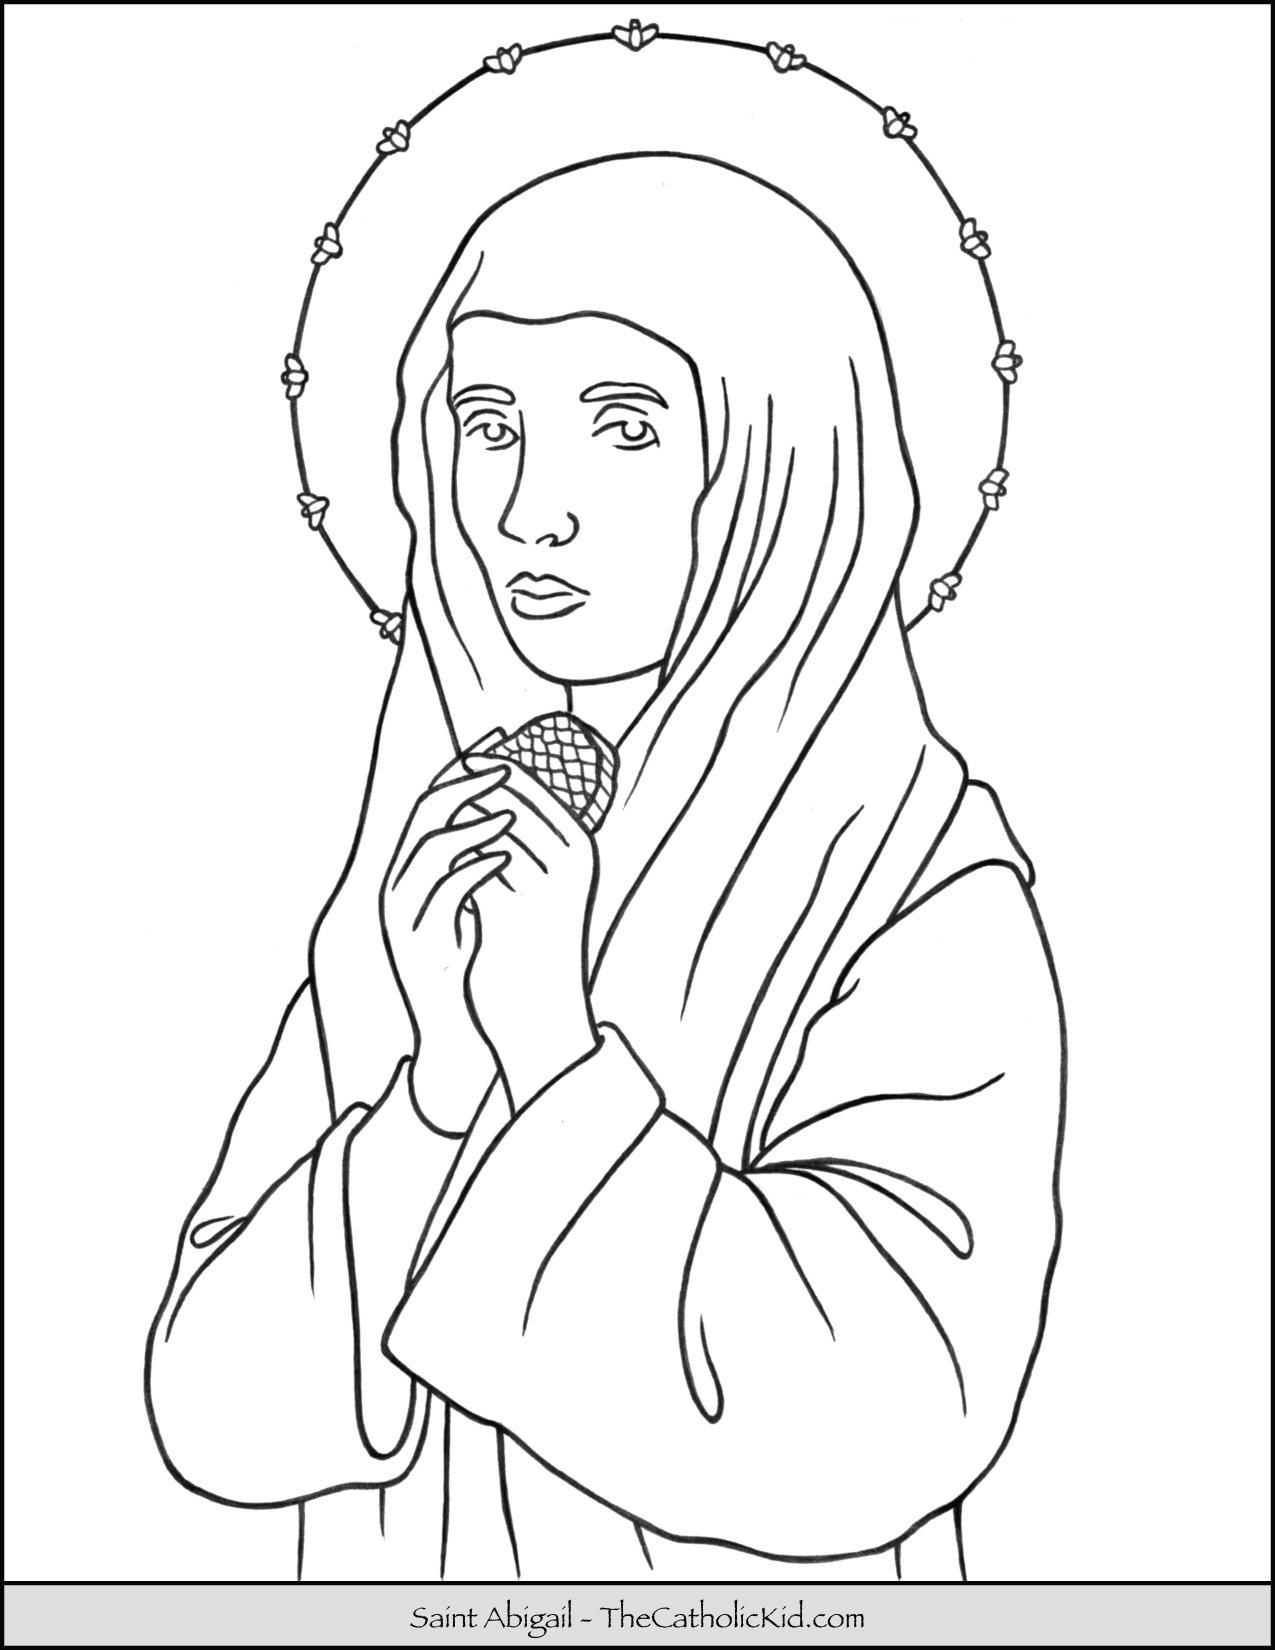 Saint Abigail Coloring Page